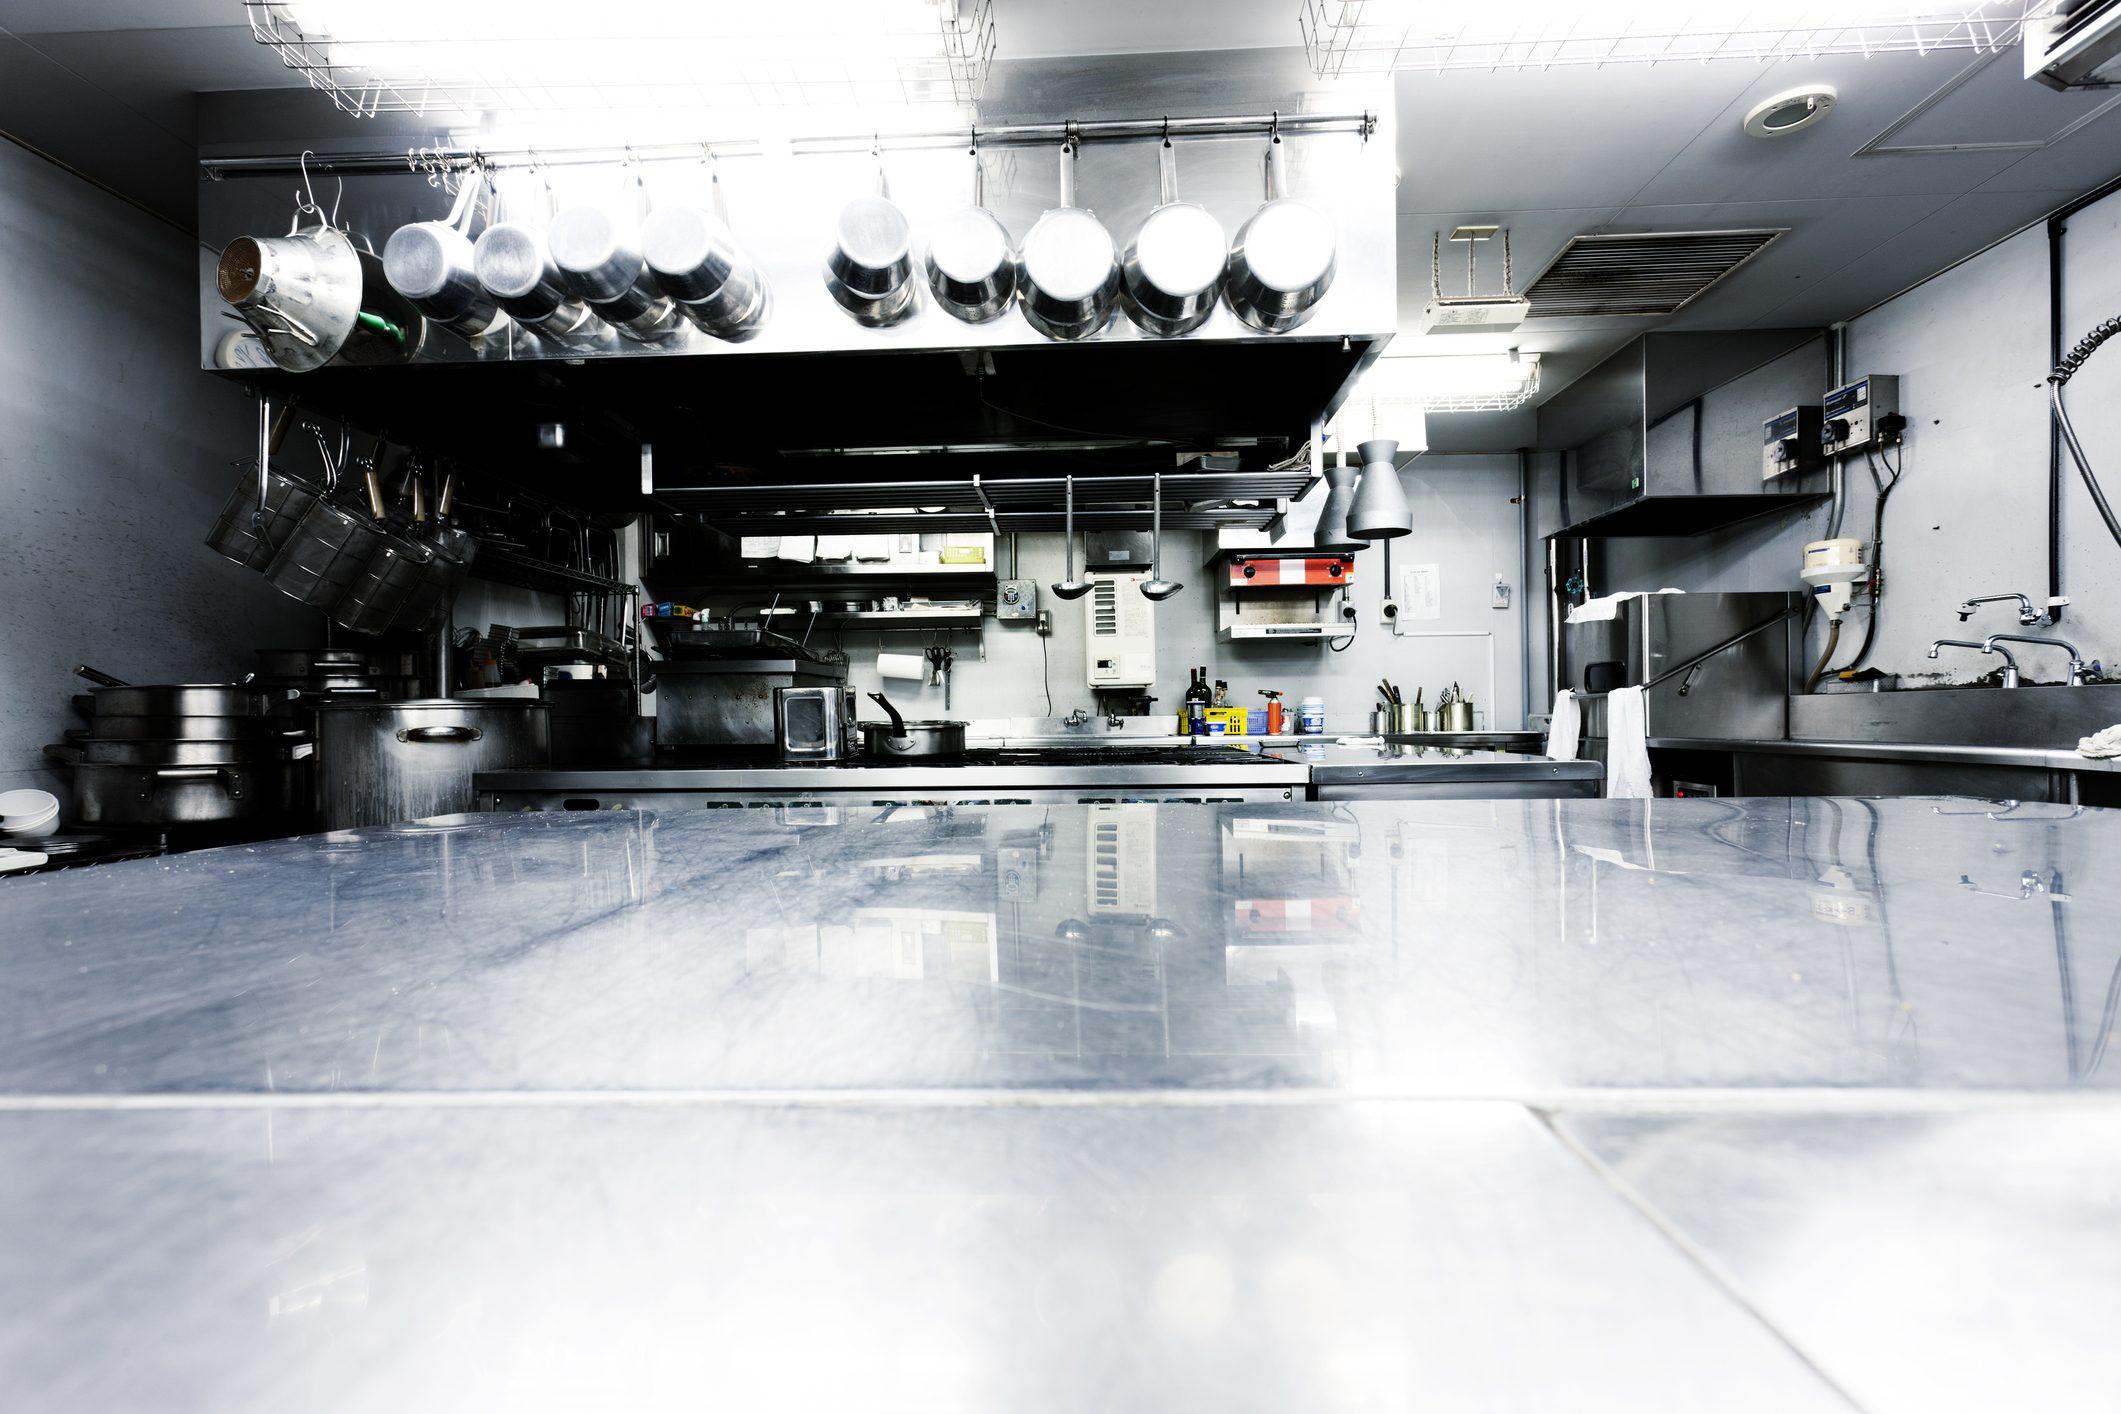 La ristorazione sull'orlo del baratro: a rischio chiusura 50mila locali, persi 15 miliardi